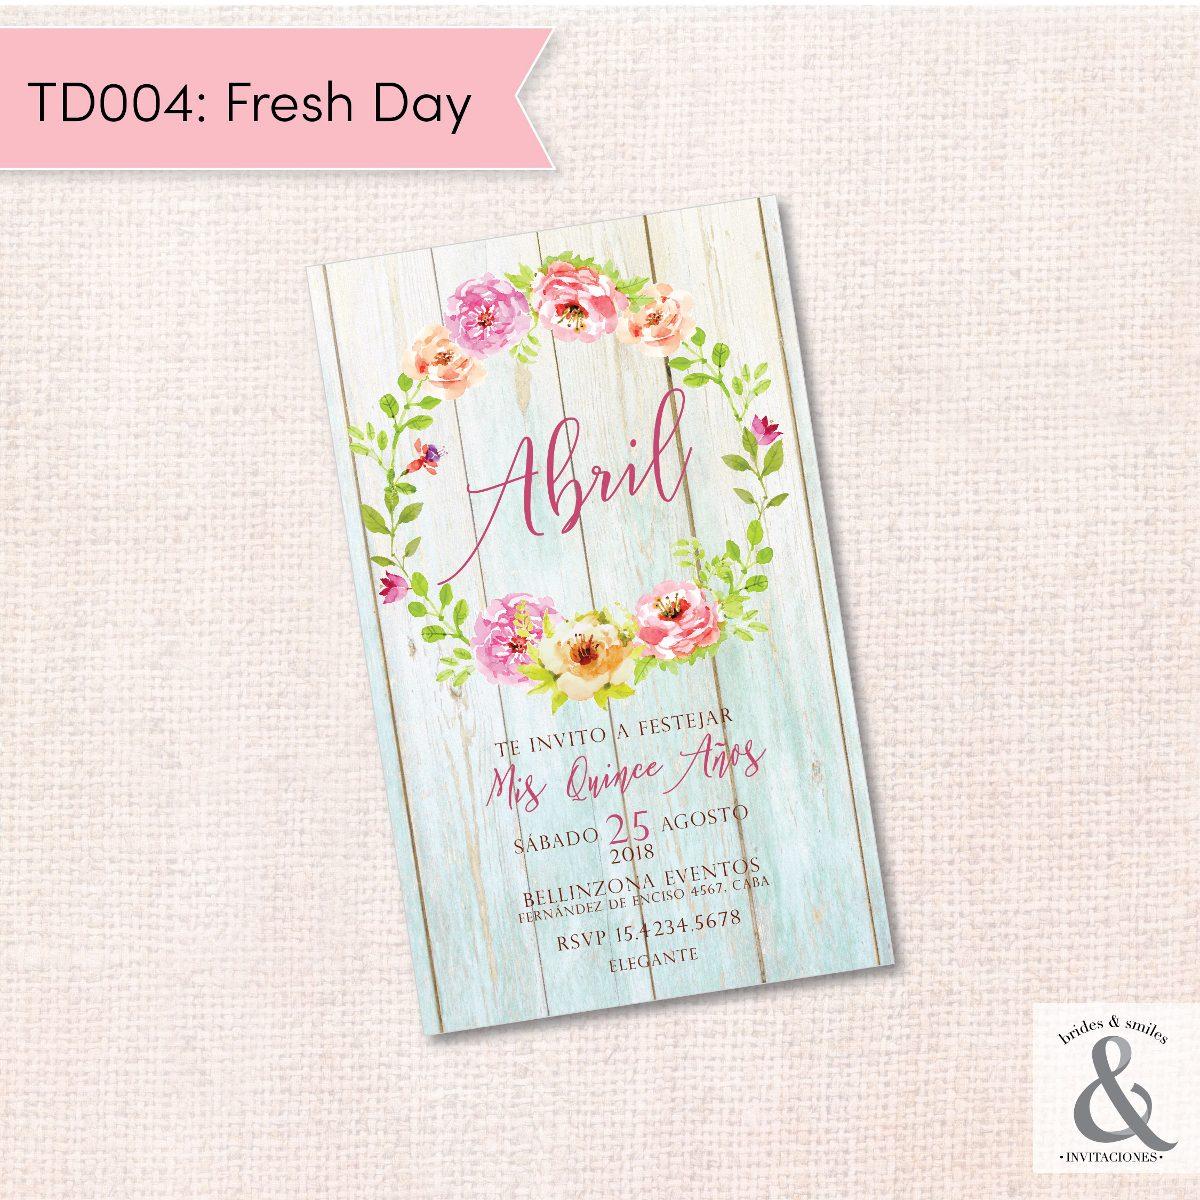 Invitación digital TD004 (Fresh Day)